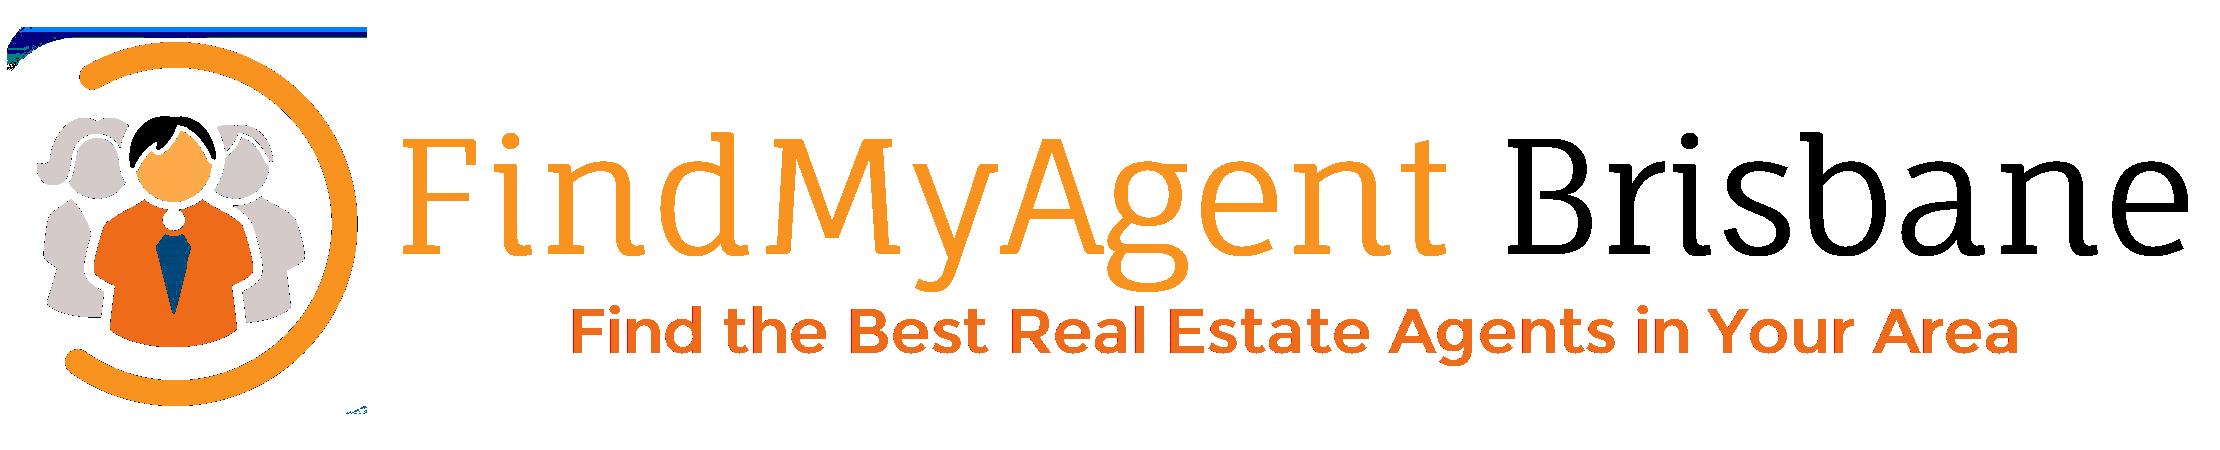 FindMyAgent Brisbane-logotransparent.png